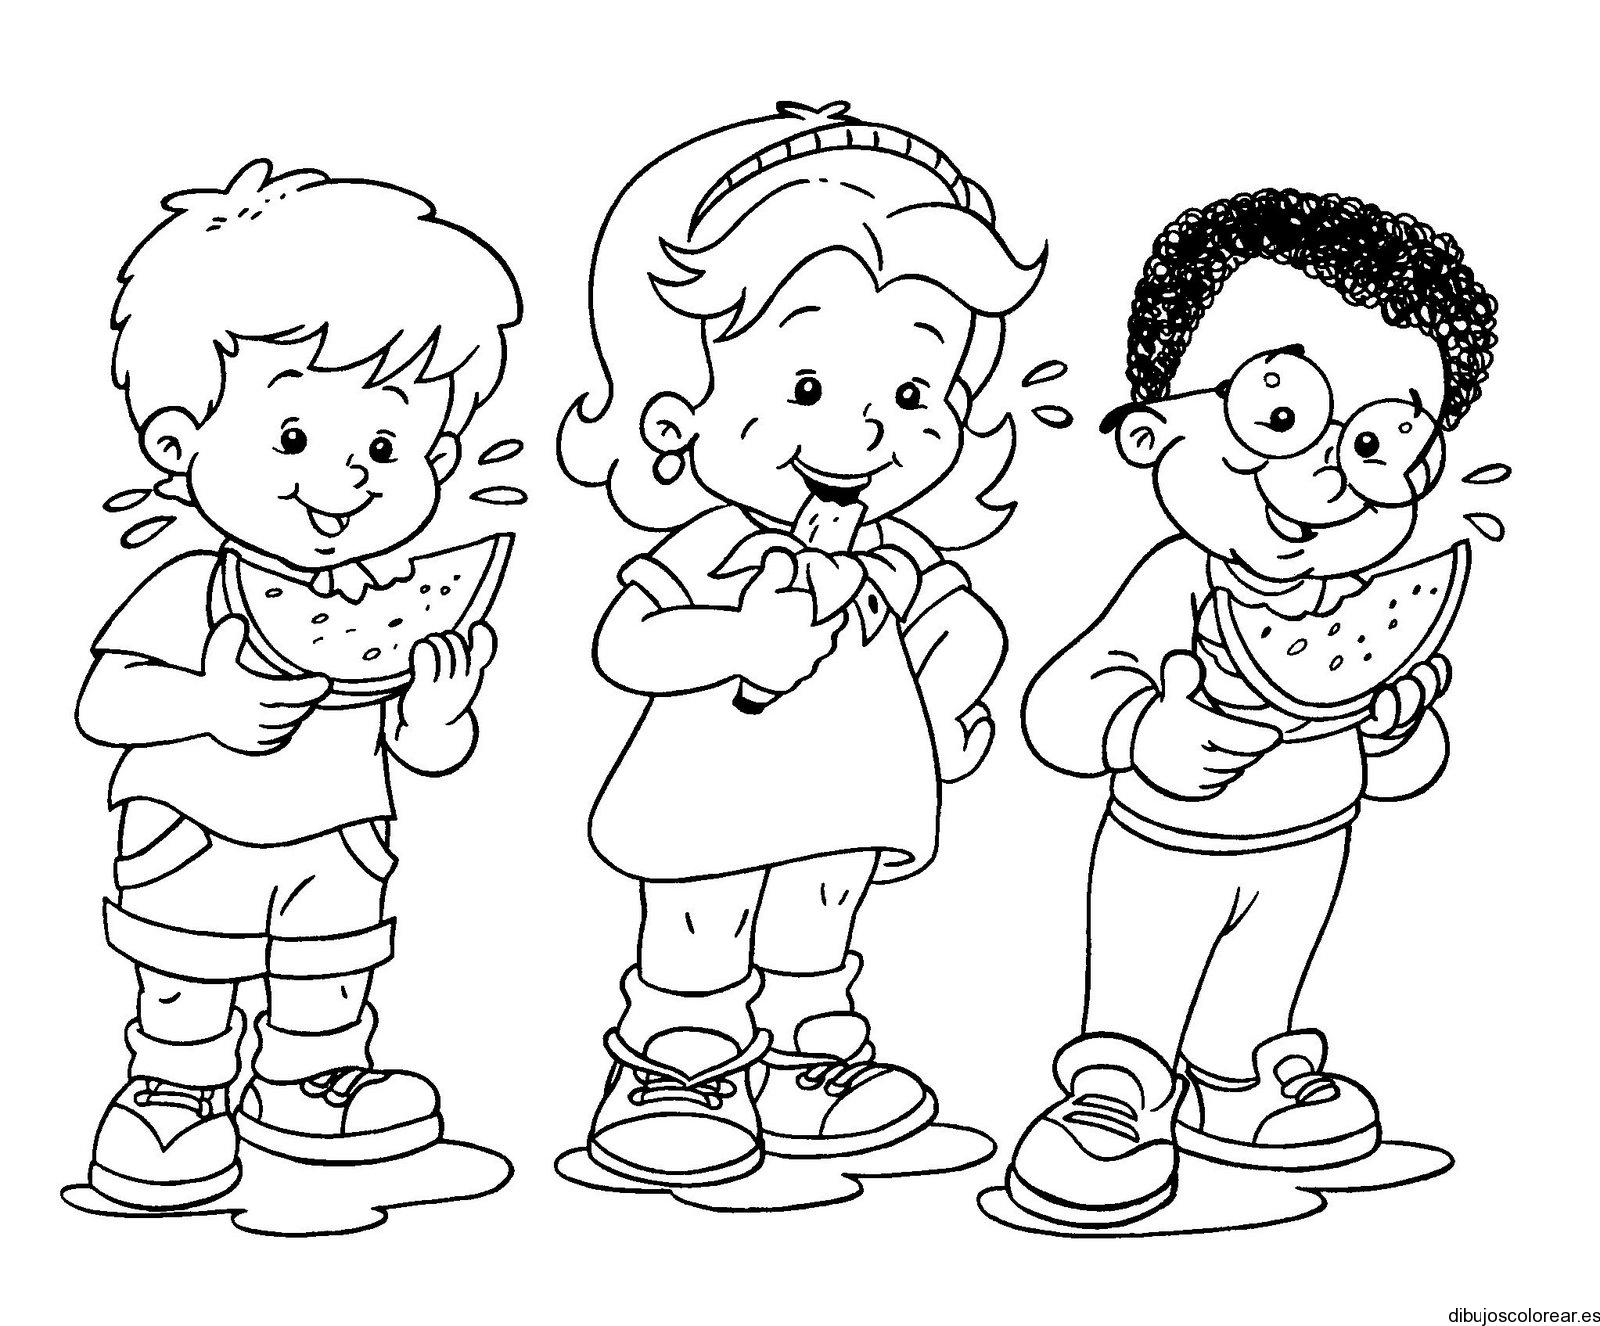 Dibujo de tres niños comiendo frutas | Dibujos para Colorear